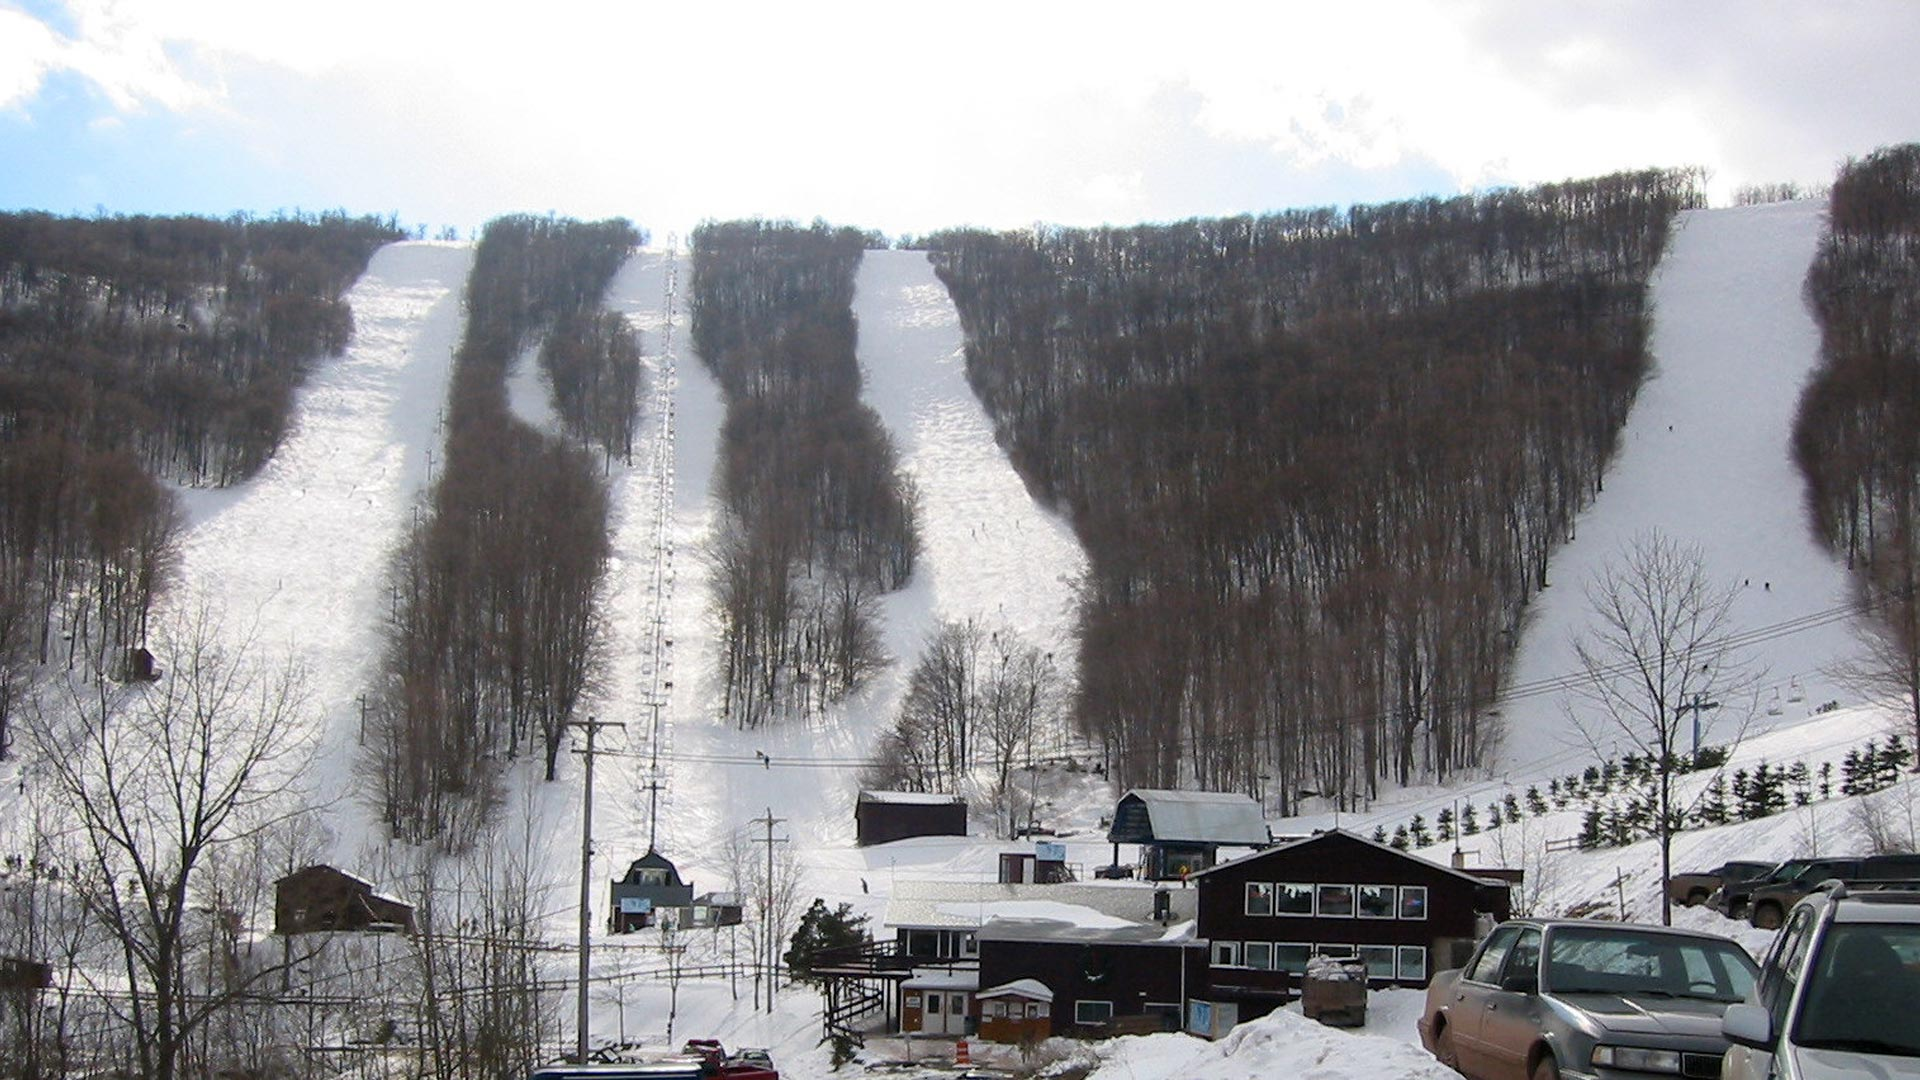 Image - Plattekill Mountain